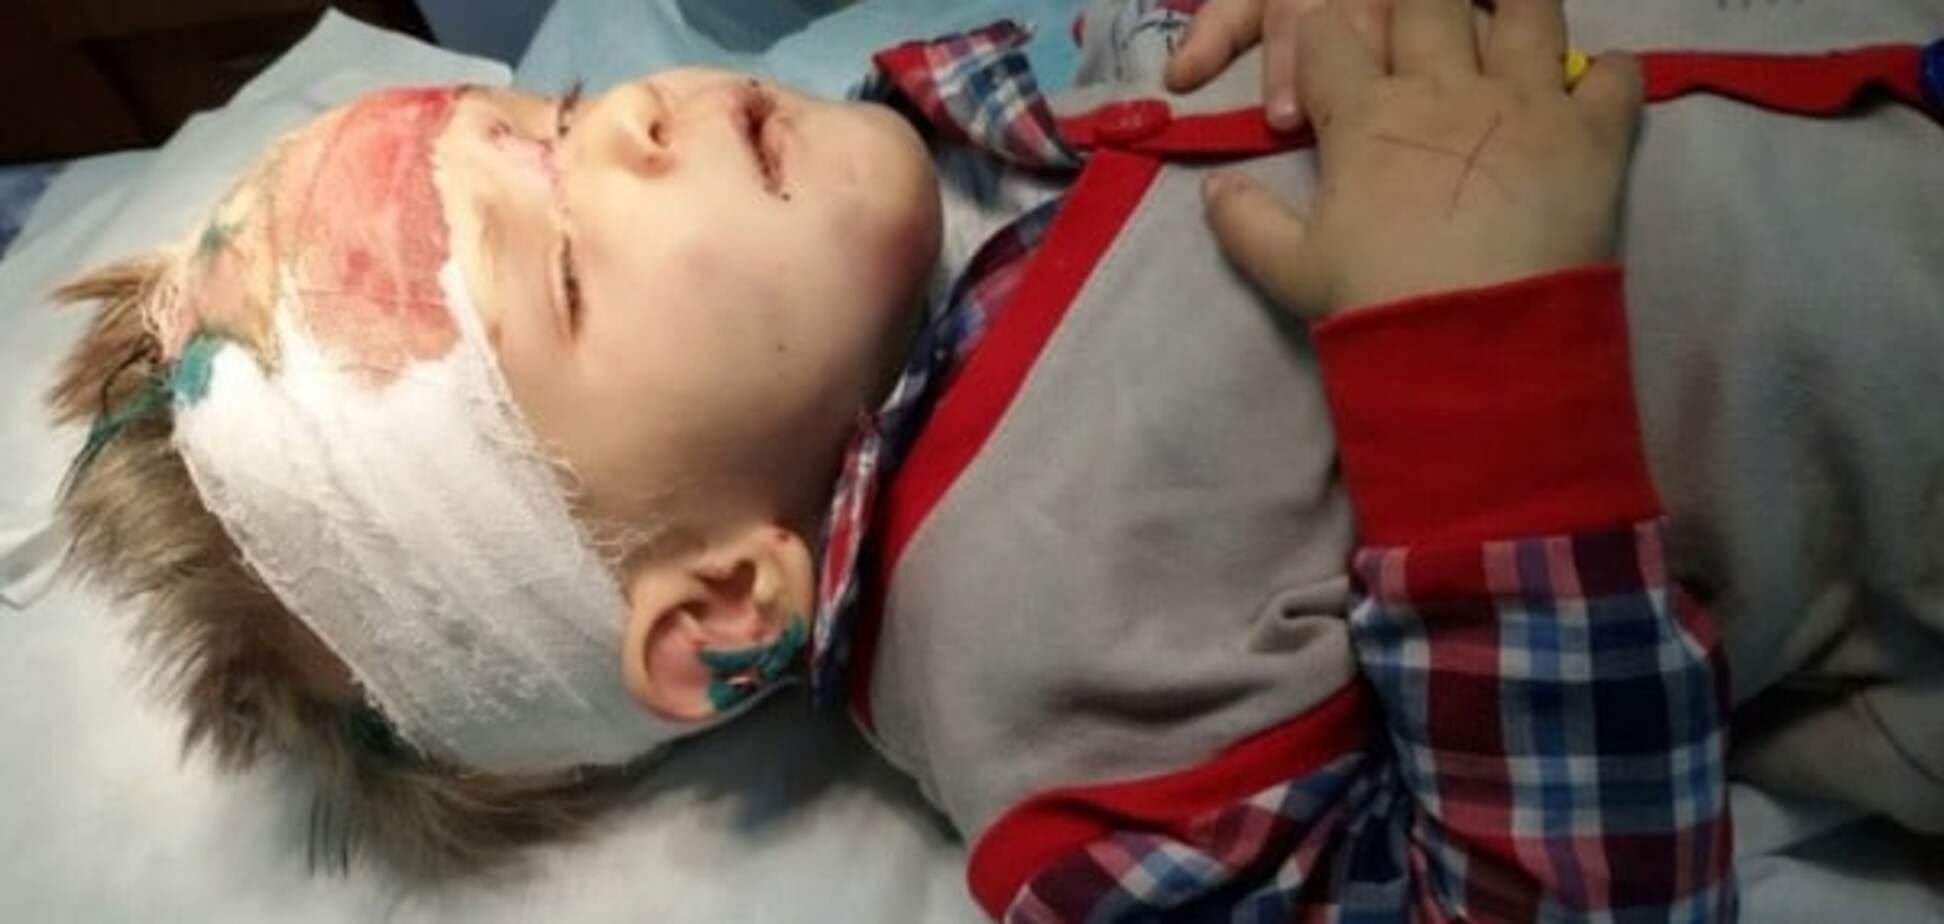 Не помнит кто и откуда: в Одессе нашли покалеченного ребенка. Опубликованы фото